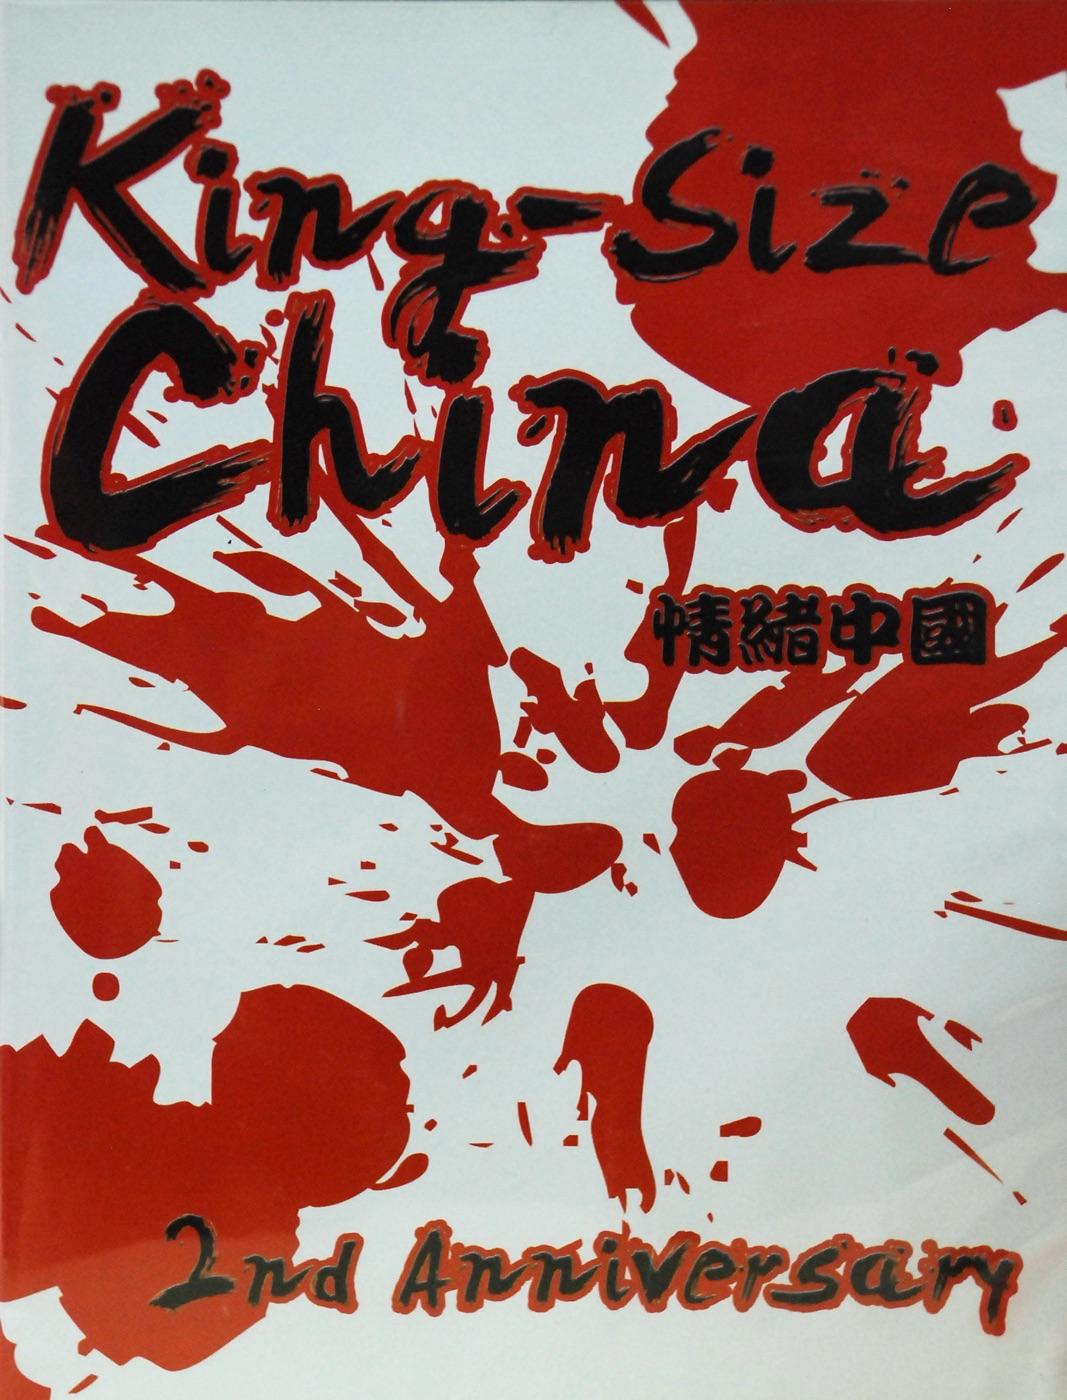 群星 - 情绪中国两周年限定版合辑